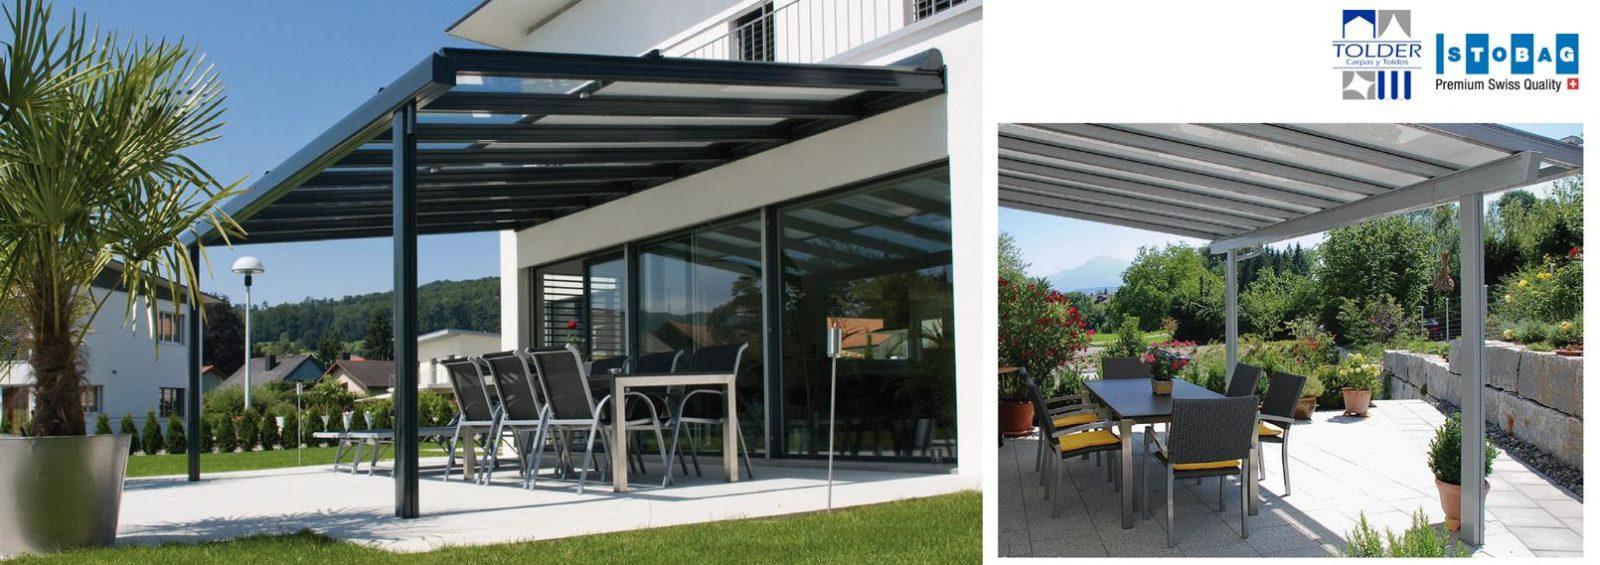 Toldos stobag para balcones y terrazas tolder for Toldos corredizos para terrazas